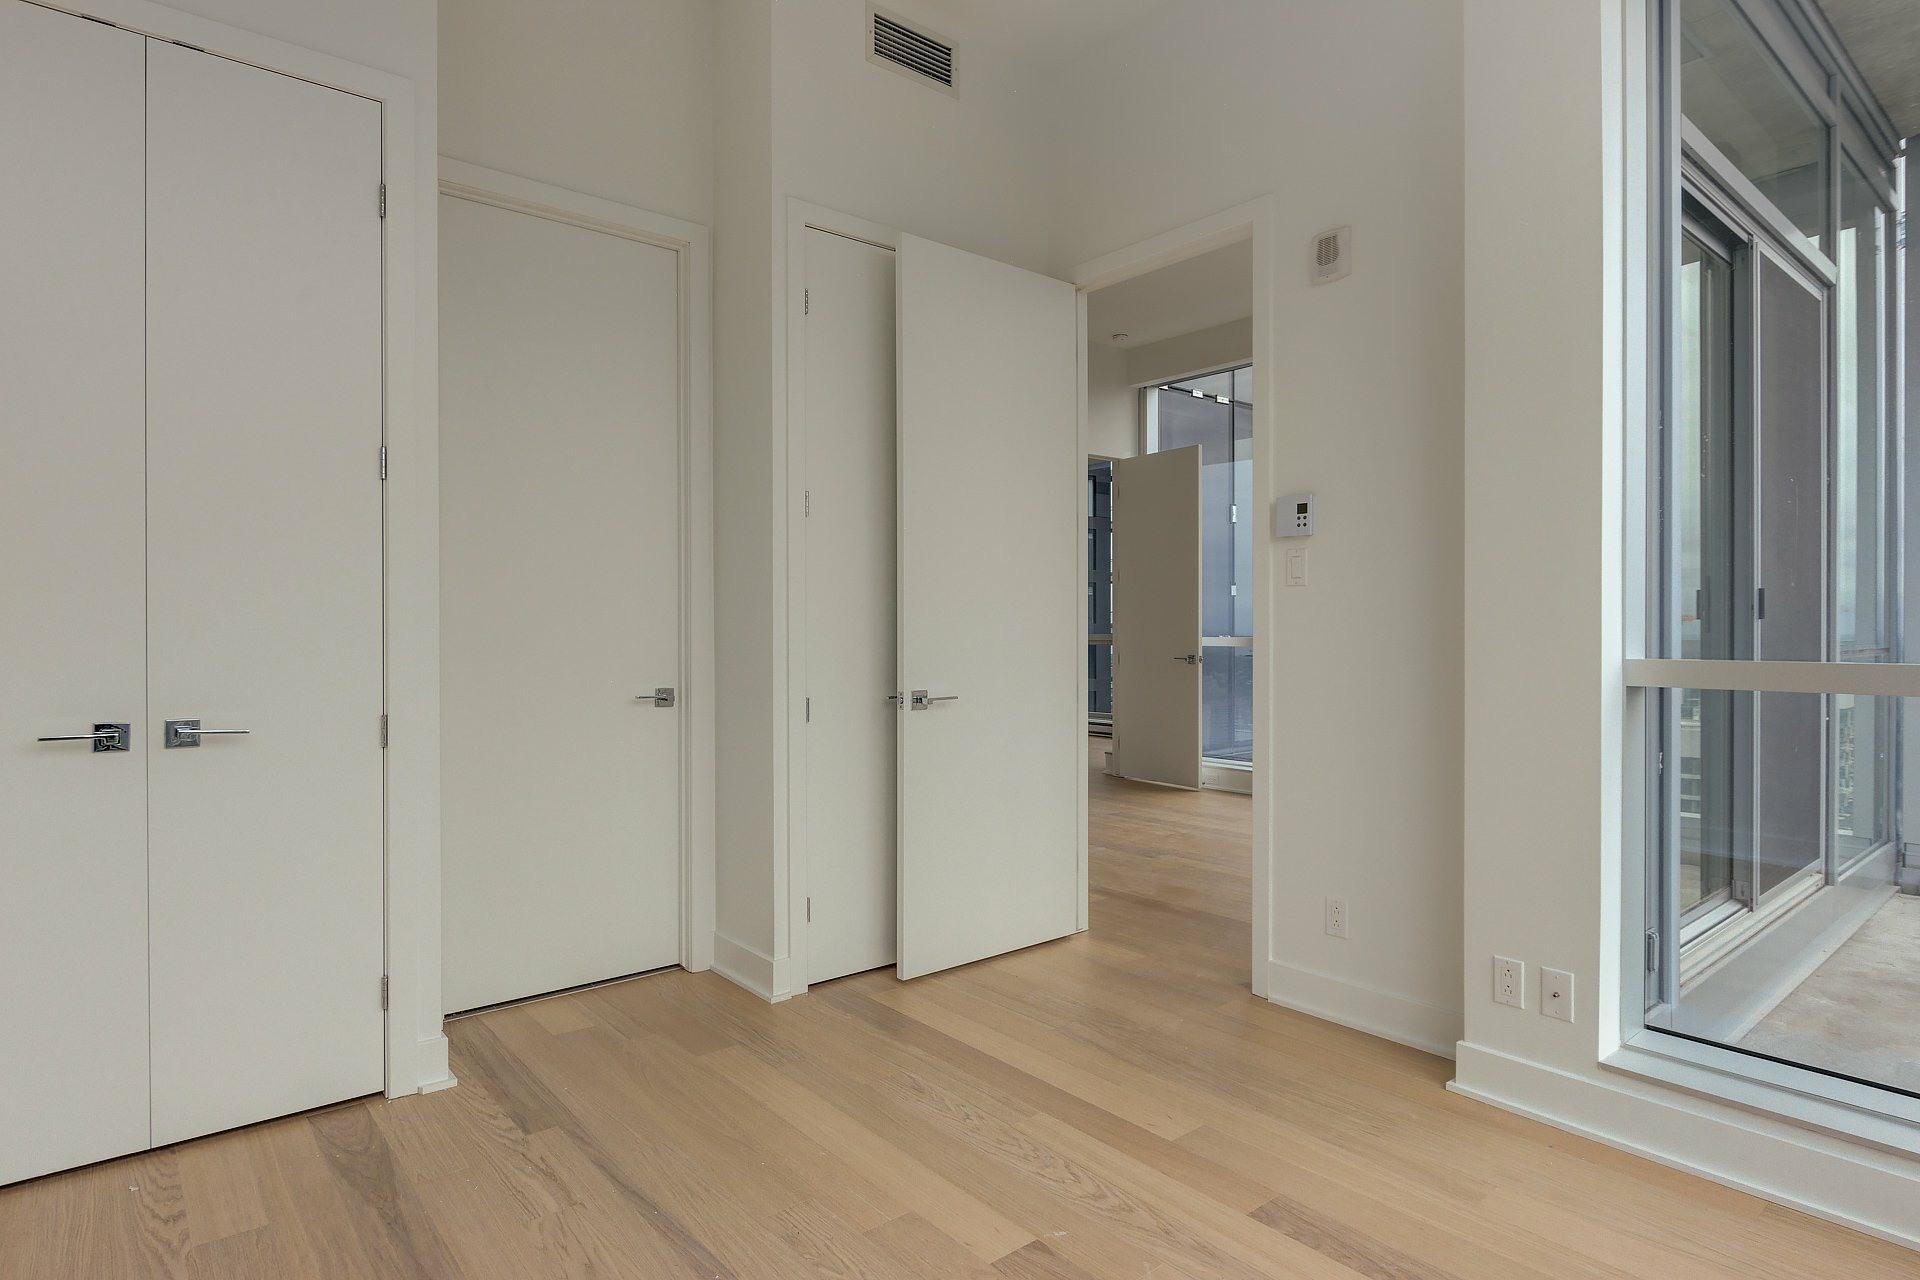 image 19 - Appartement À vendre Montréal Ville-Marie  - 4 pièces